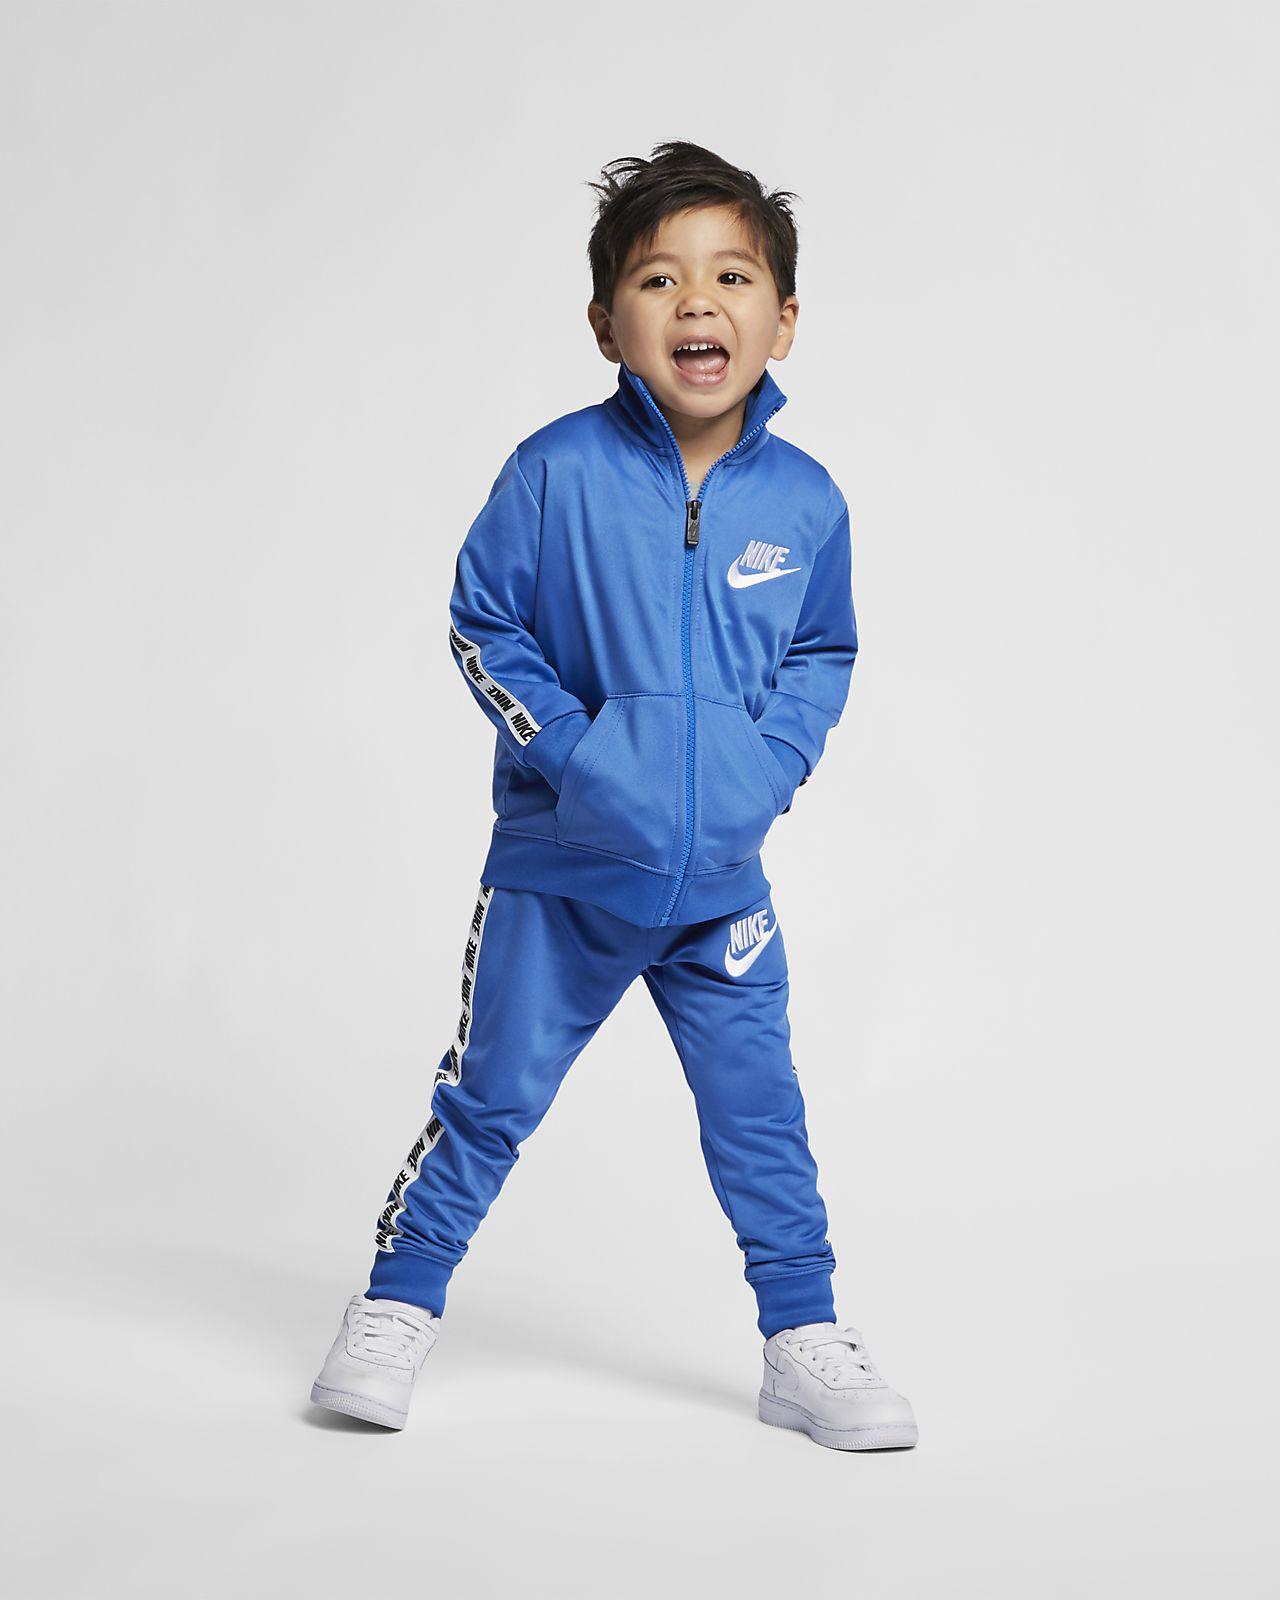 Nike Conjunt de dues peces - Nen/a petit/a